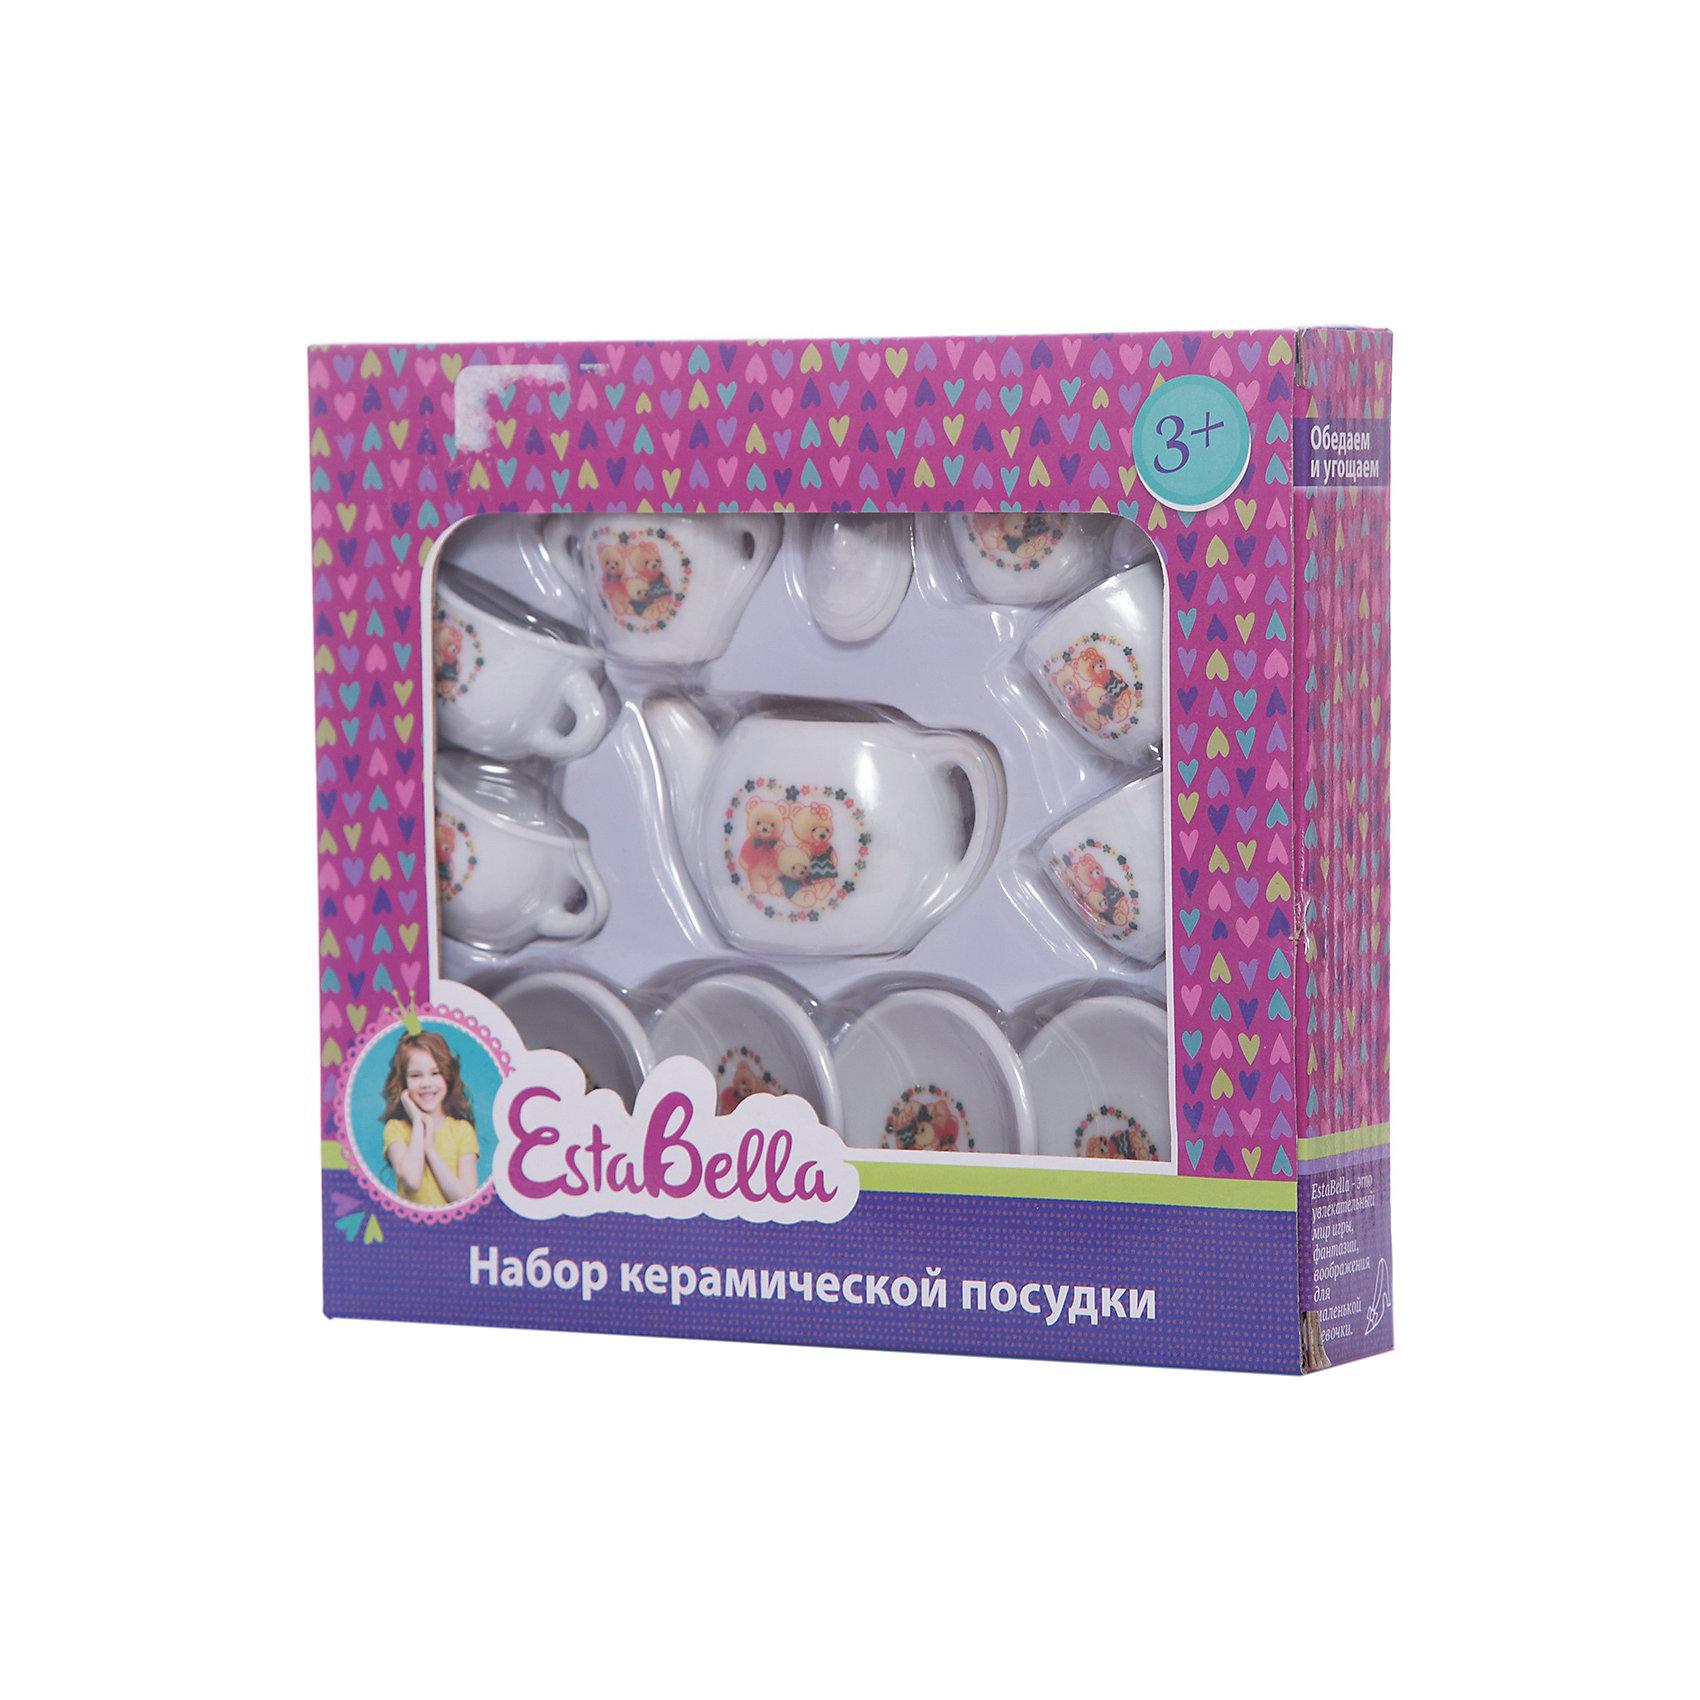 Керамическая посудка, EstaBellaПосуда и аксессуары для детской кухни<br>Керамическая посудка, EstaBella (Эстабелла) – этот красивый чайный сервис станет приятным сюрпризом для вашей девочки.<br>Керамическая посудка торговой марки EstaBella (Эстабелла) предназначена специально для кукольного чаепития на четыре персоны. Все предметы небольшого размера, поэтому они прекрасно разместятся на игрушечном столике. Каждый элемент декорирован рисунком с изображением забавных медвежат. Набор изготовлен из качественного материала. Керамическая посудка не займёт много места на игрушечном столике, а юная хозяйка научится правильно сервировать стол и приобретёт прекрасные манеры, которые так необходимы настоящей маленькой леди.<br><br>Дополнительная информация:<br><br>- В наборе: 4 блюдца; 4 чашки; чайник; сахарница; сливочник, крышка<br>- Количество предметов: 12<br>- Материал: керамика<br>- Размер упаковки: 20 х 4 х 18 см.<br><br>Керамическую посудку, EstaBella (Эстабелла) можно купить в нашем интернет-магазине.<br><br>Ширина мм: 200<br>Глубина мм: 40<br>Высота мм: 180<br>Вес г: 283<br>Возраст от месяцев: 36<br>Возраст до месяцев: 72<br>Пол: Женский<br>Возраст: Детский<br>SKU: 4552913